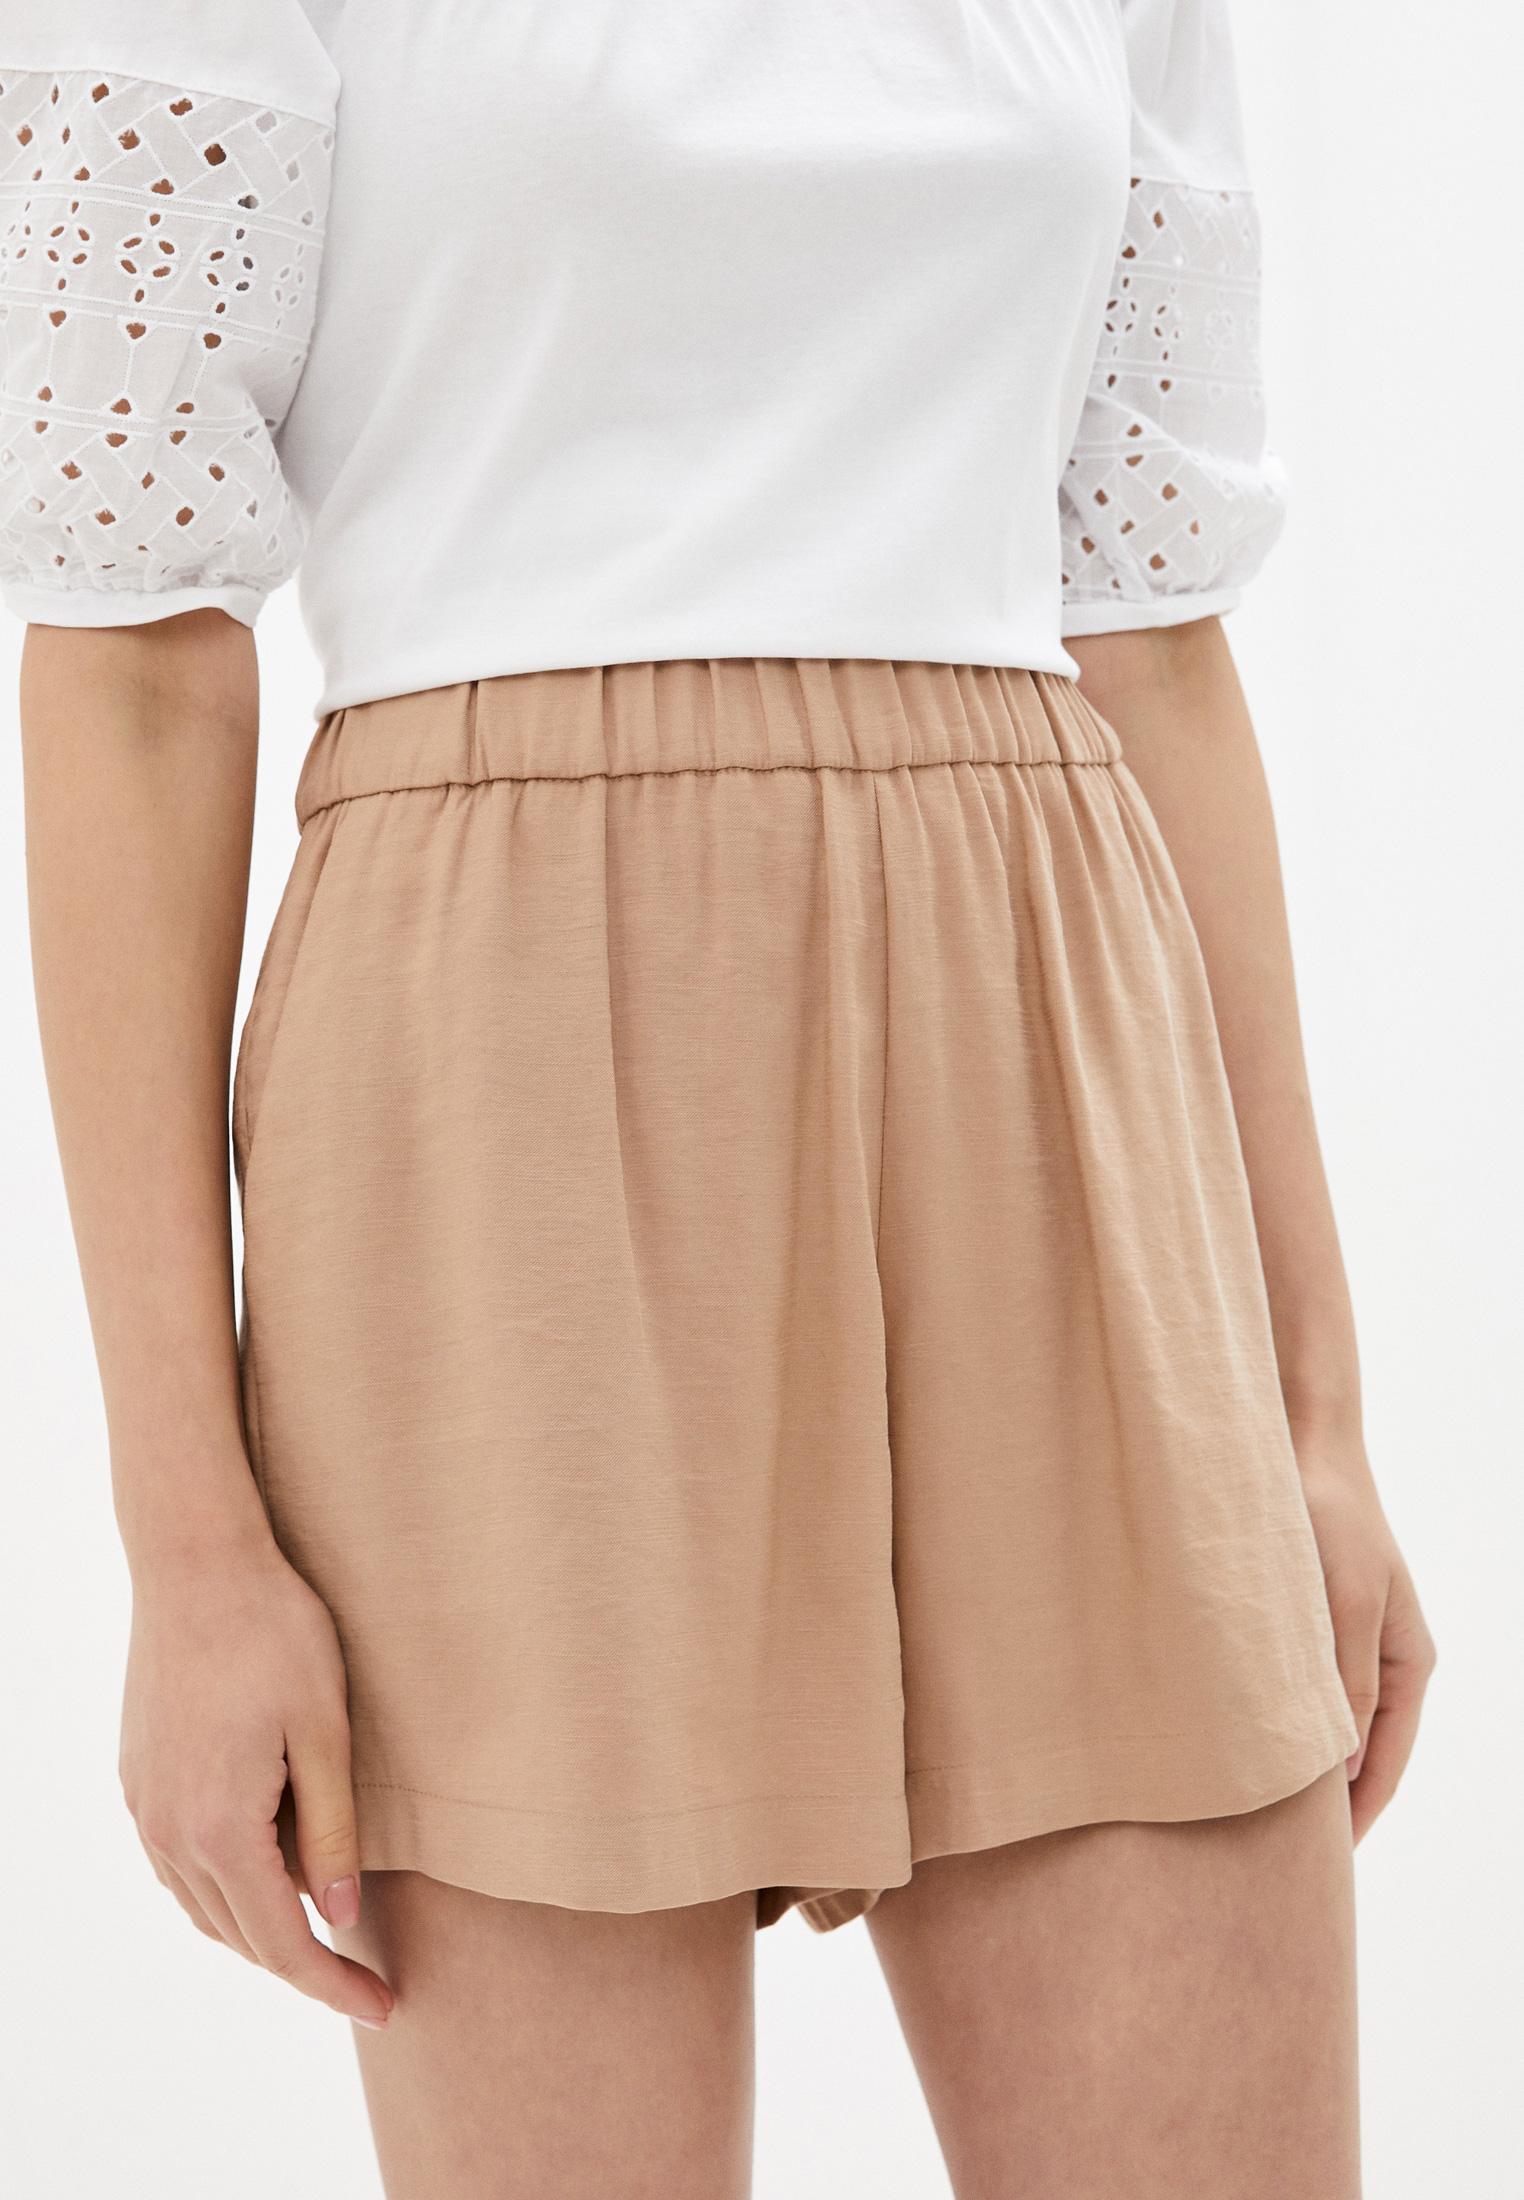 Женские повседневные шорты Sisley (Сислей) Шорты Sisley